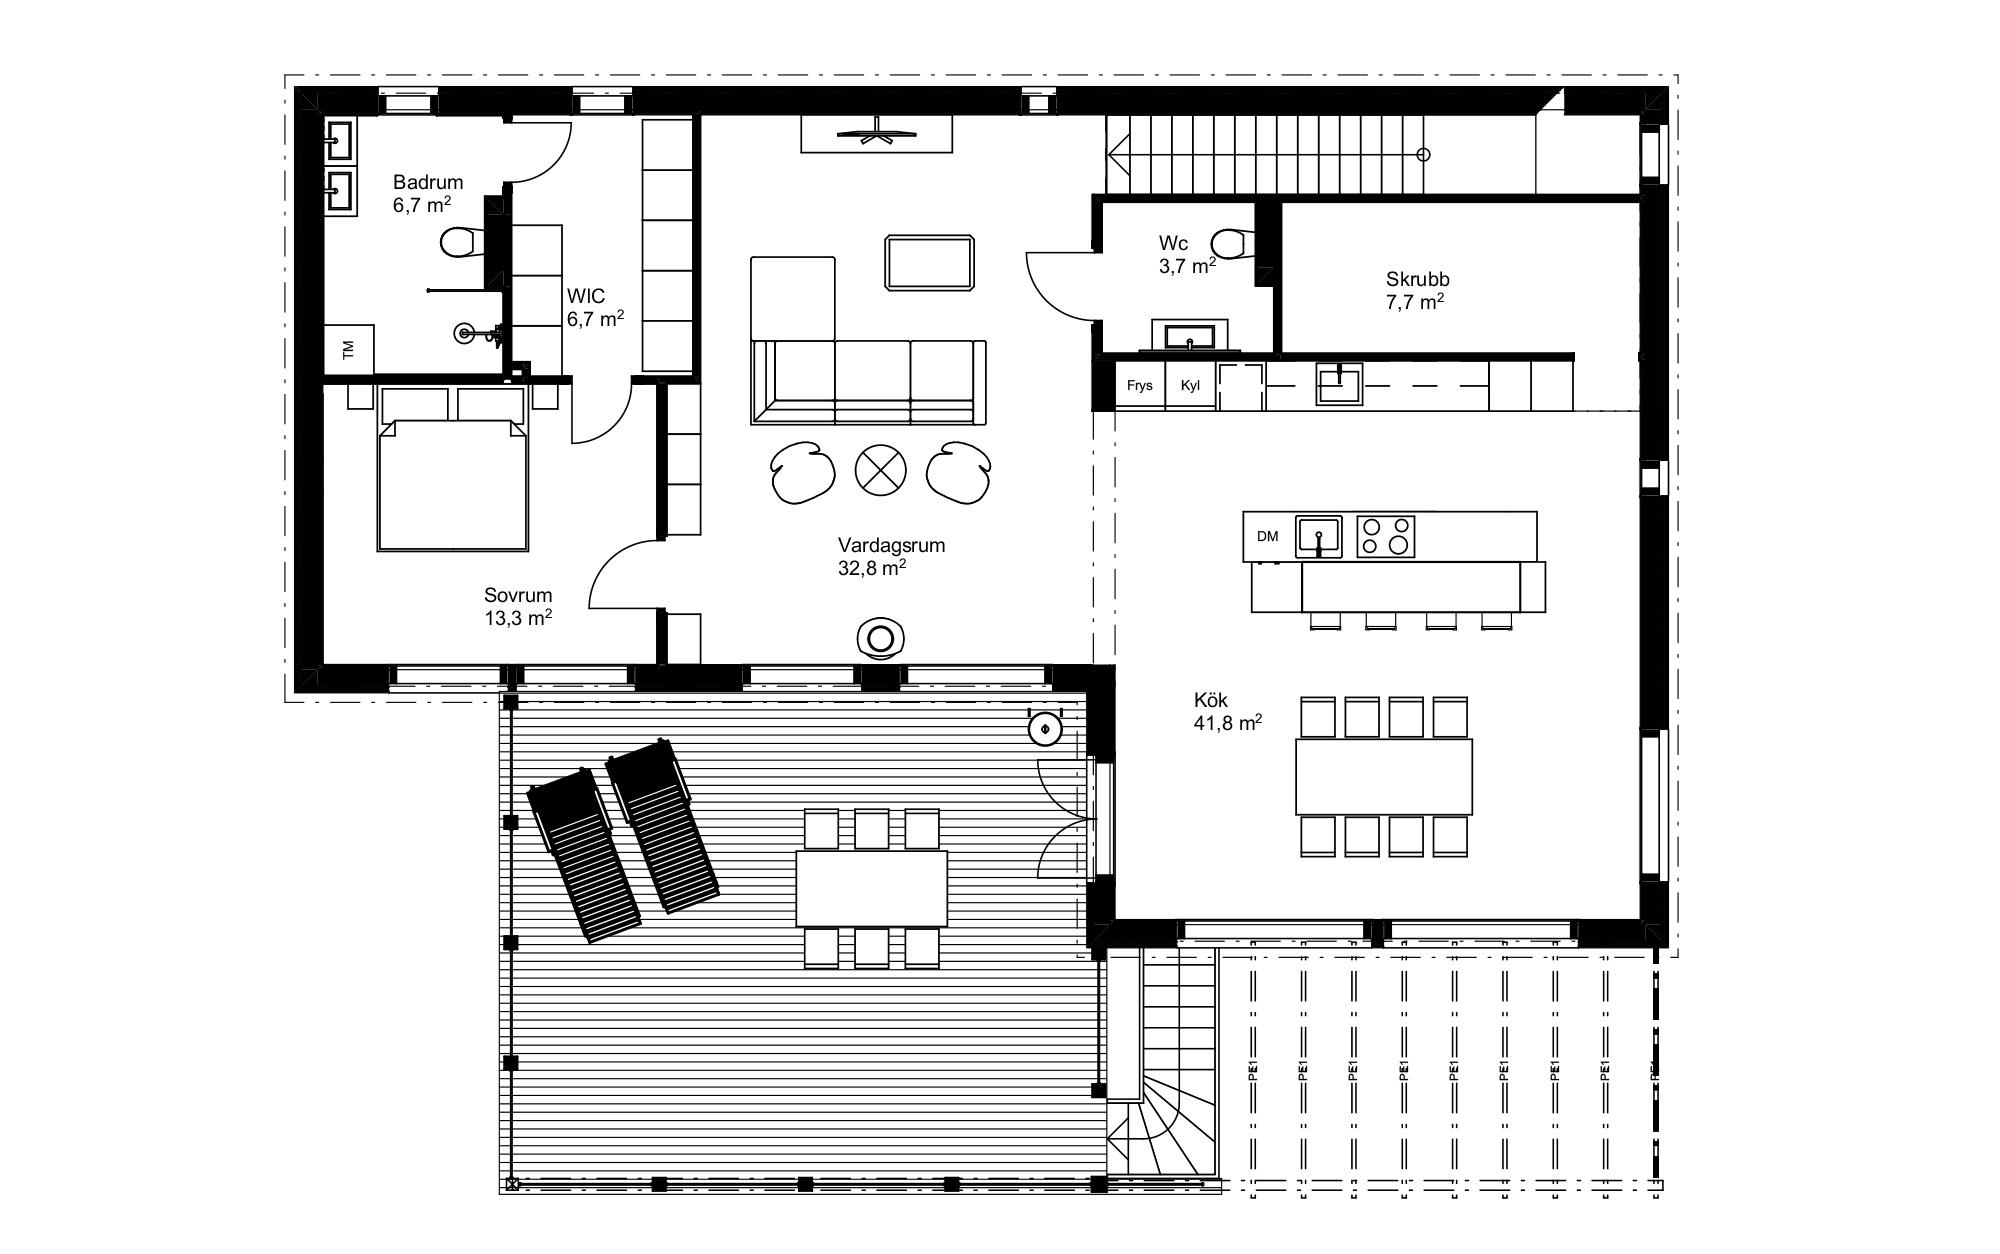 nylund-ny-floor-2